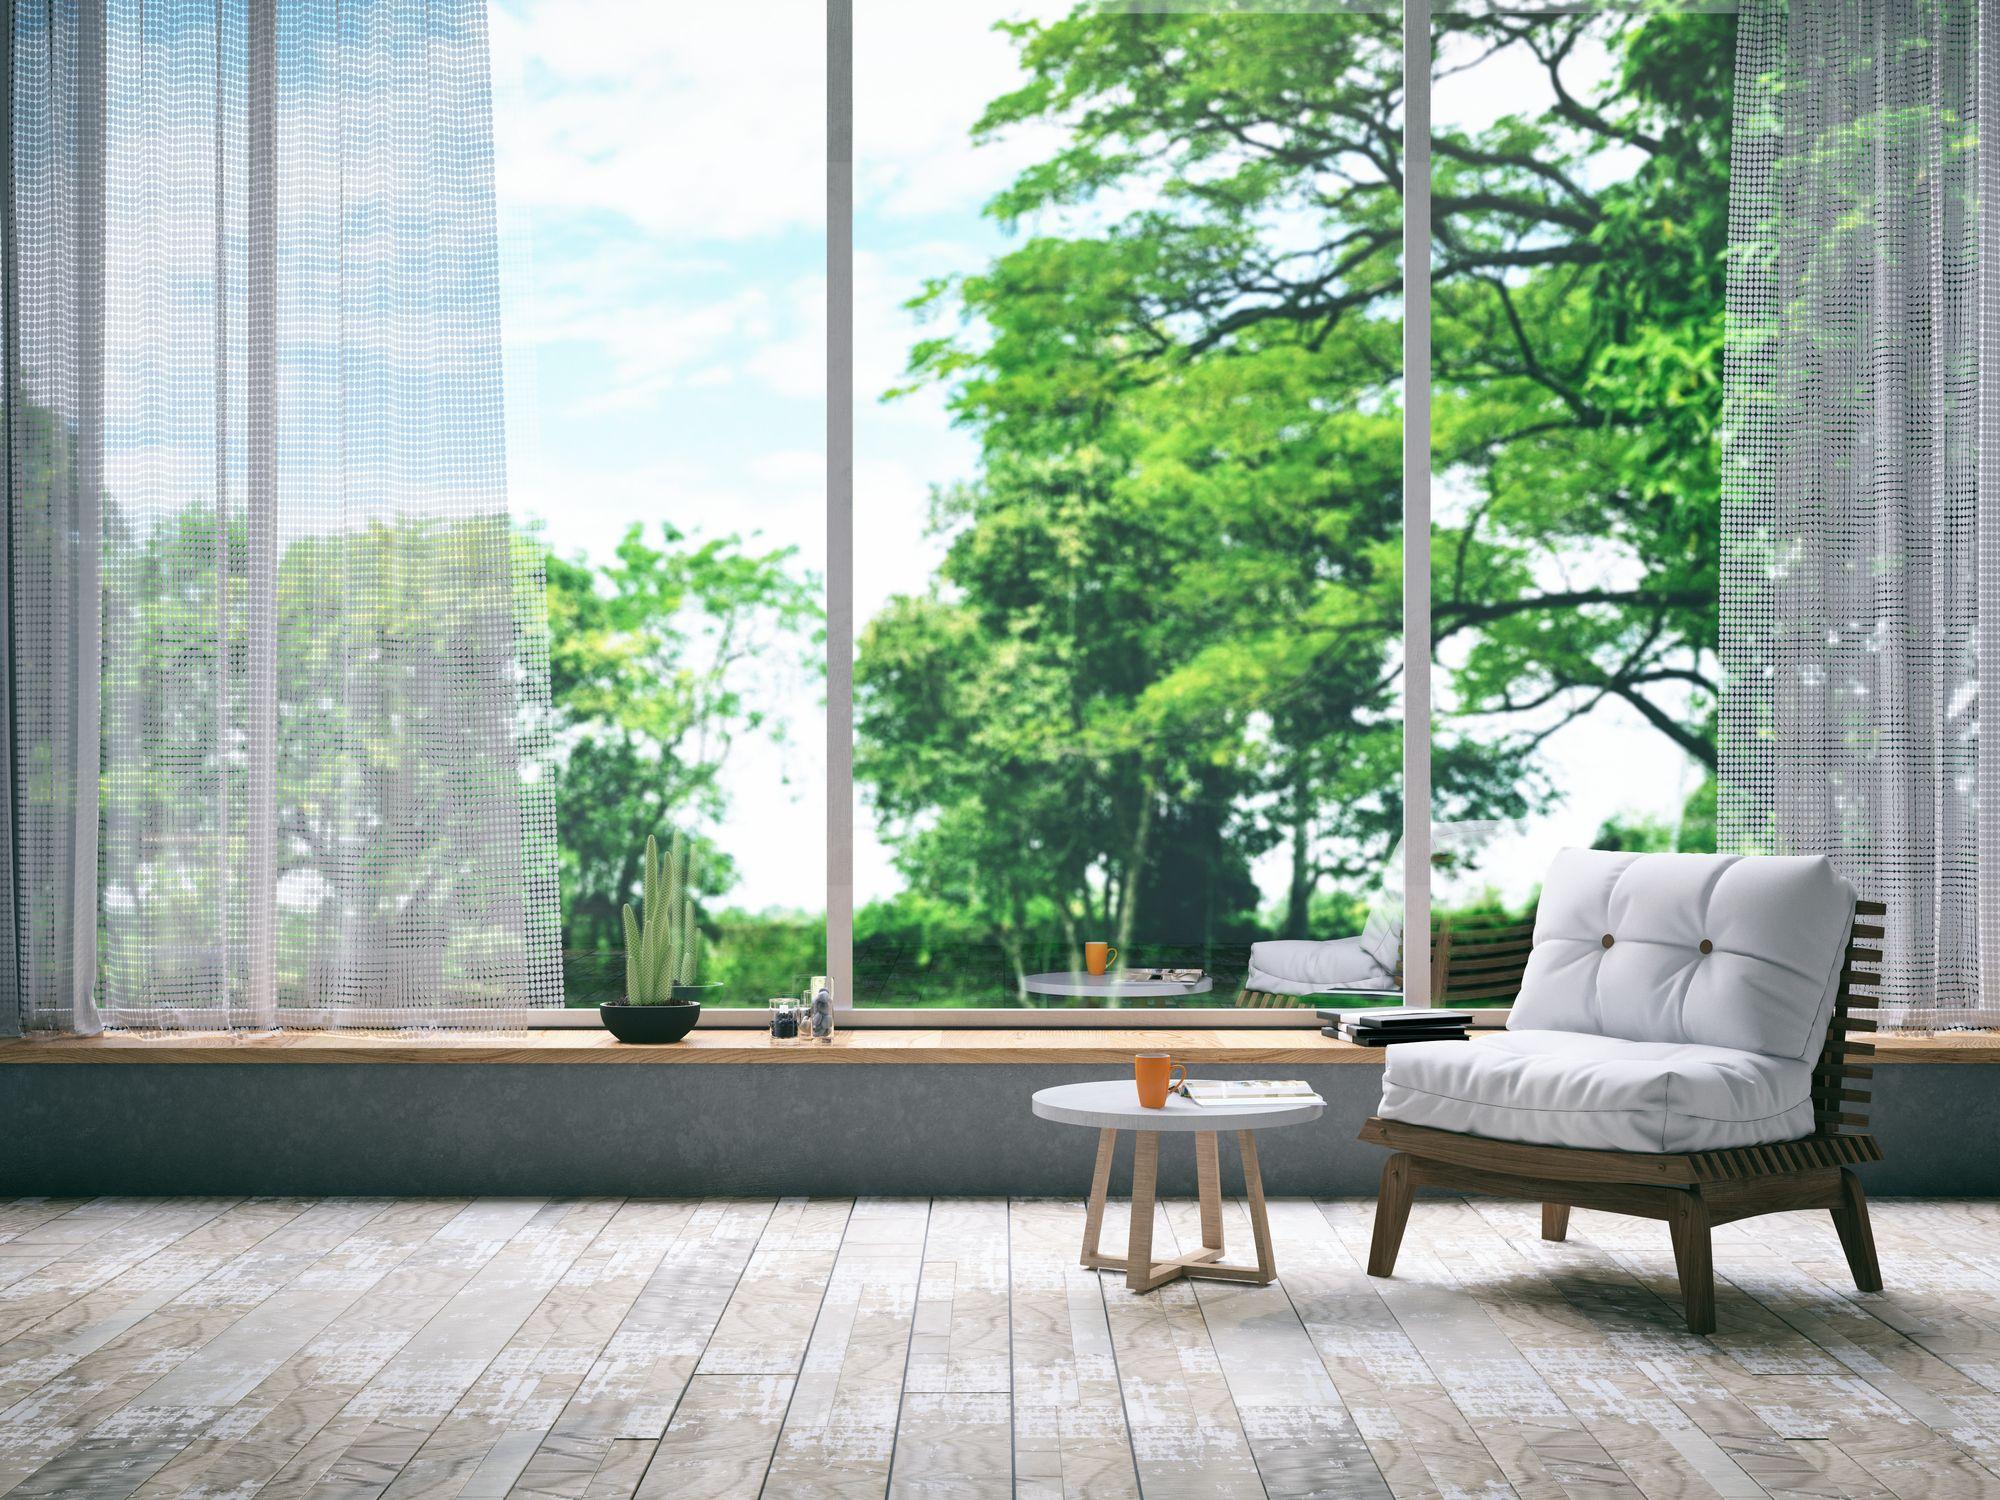 Durante el verano, lava y guarda las alfombras, y cubre las ventanas con estores o visillos en tonos claros.